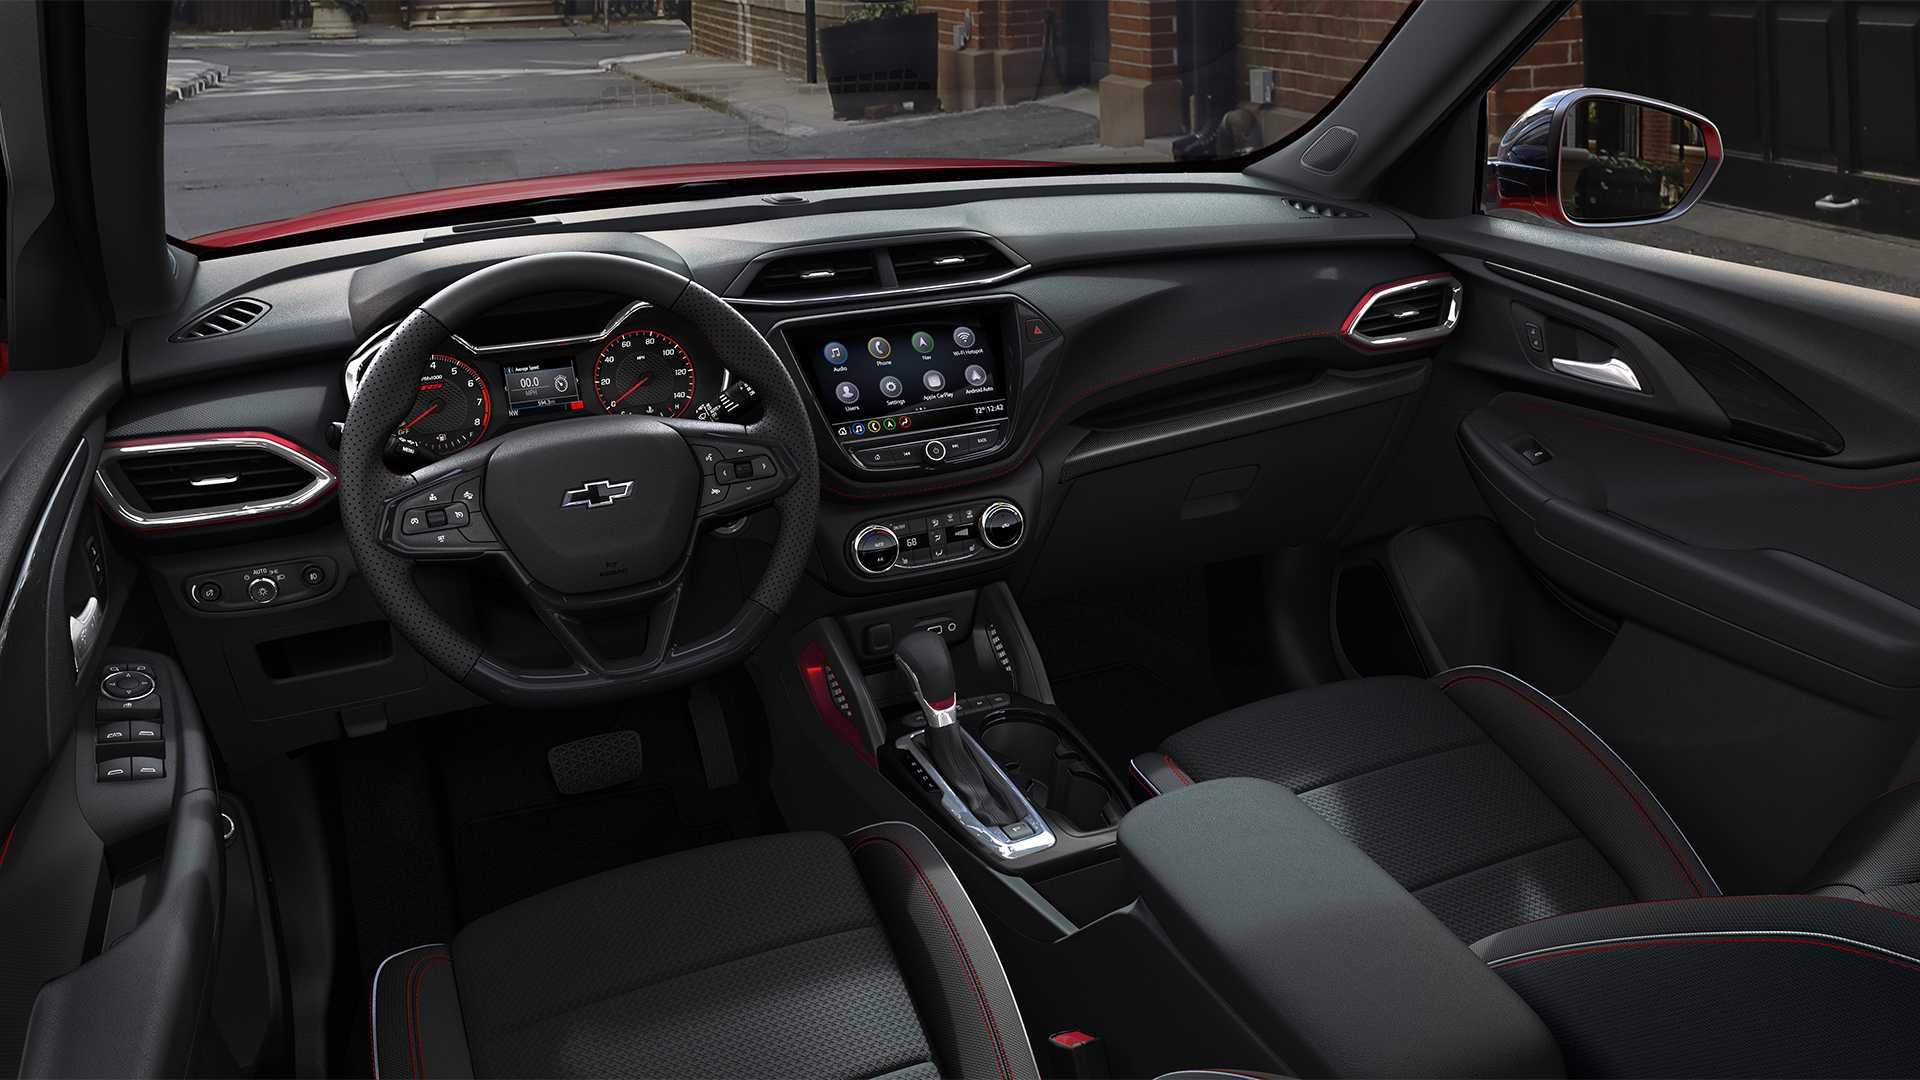 Visszatér a Chevrolet Trailblazer a GM legújabb kompakt SUV modelljeként